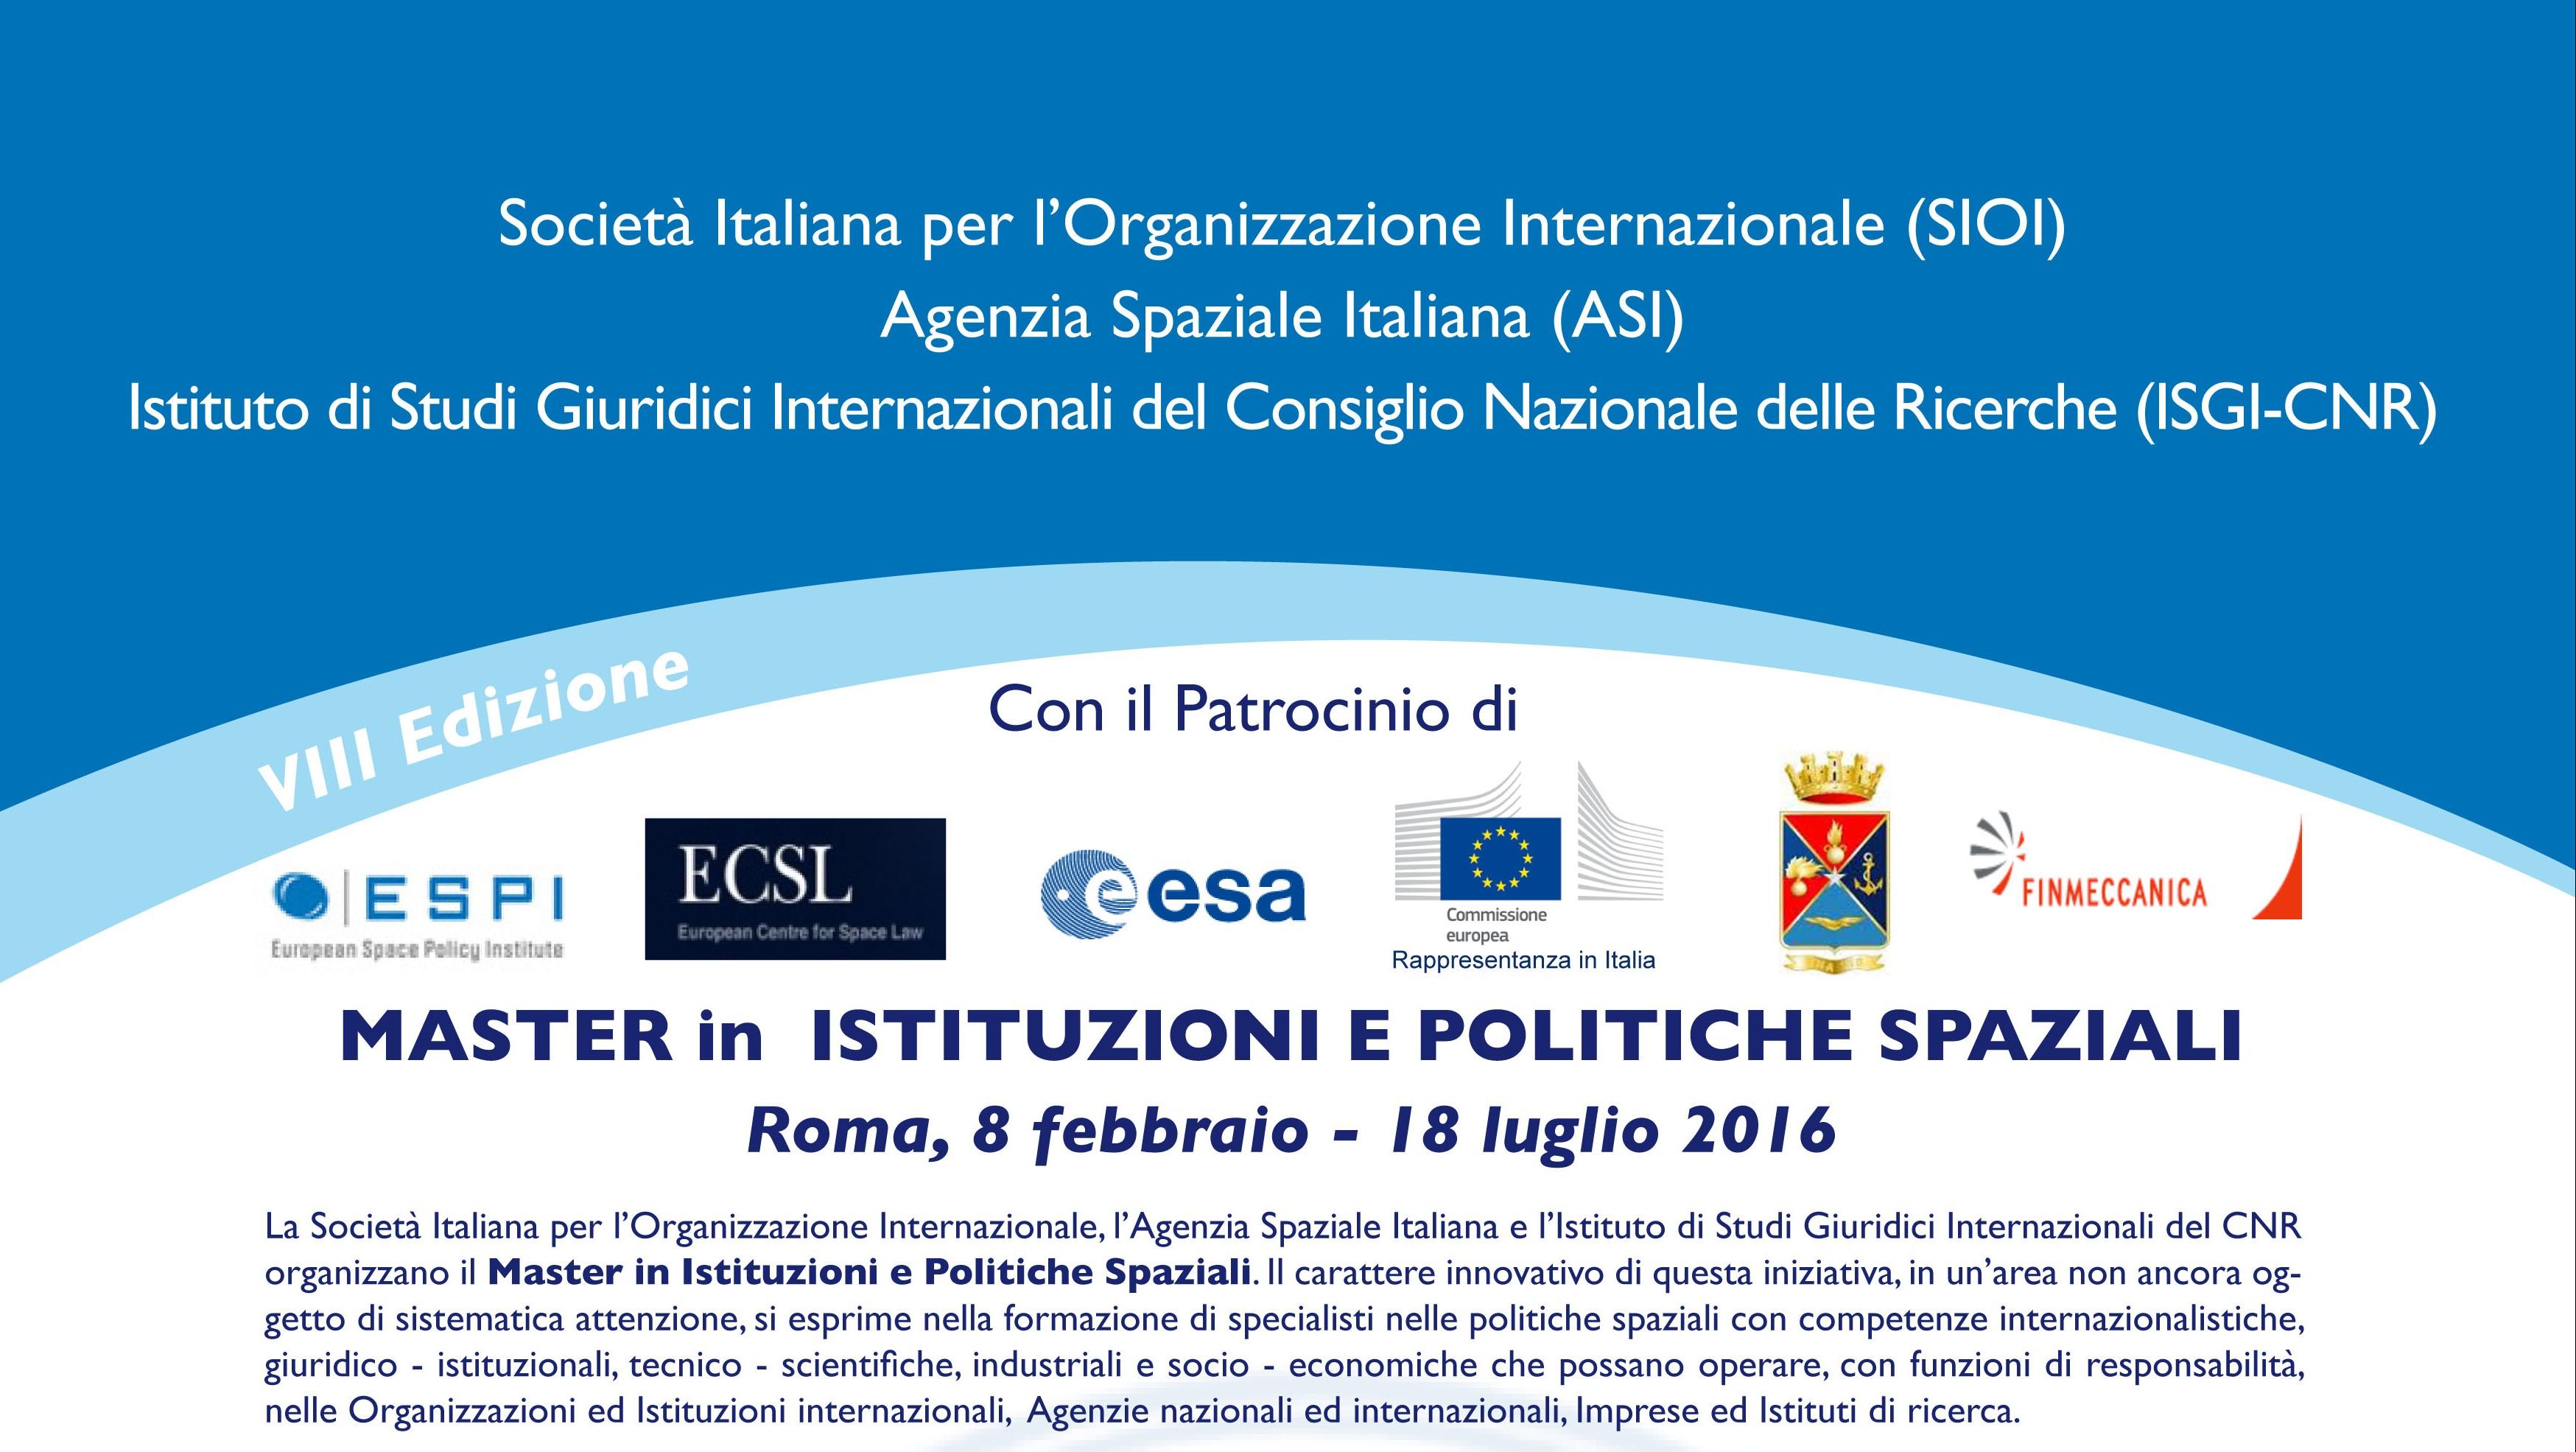 Master sulle Istituzioni e Politiche Spaziali – Roma, 8 febbraio – 18 luglio 2016